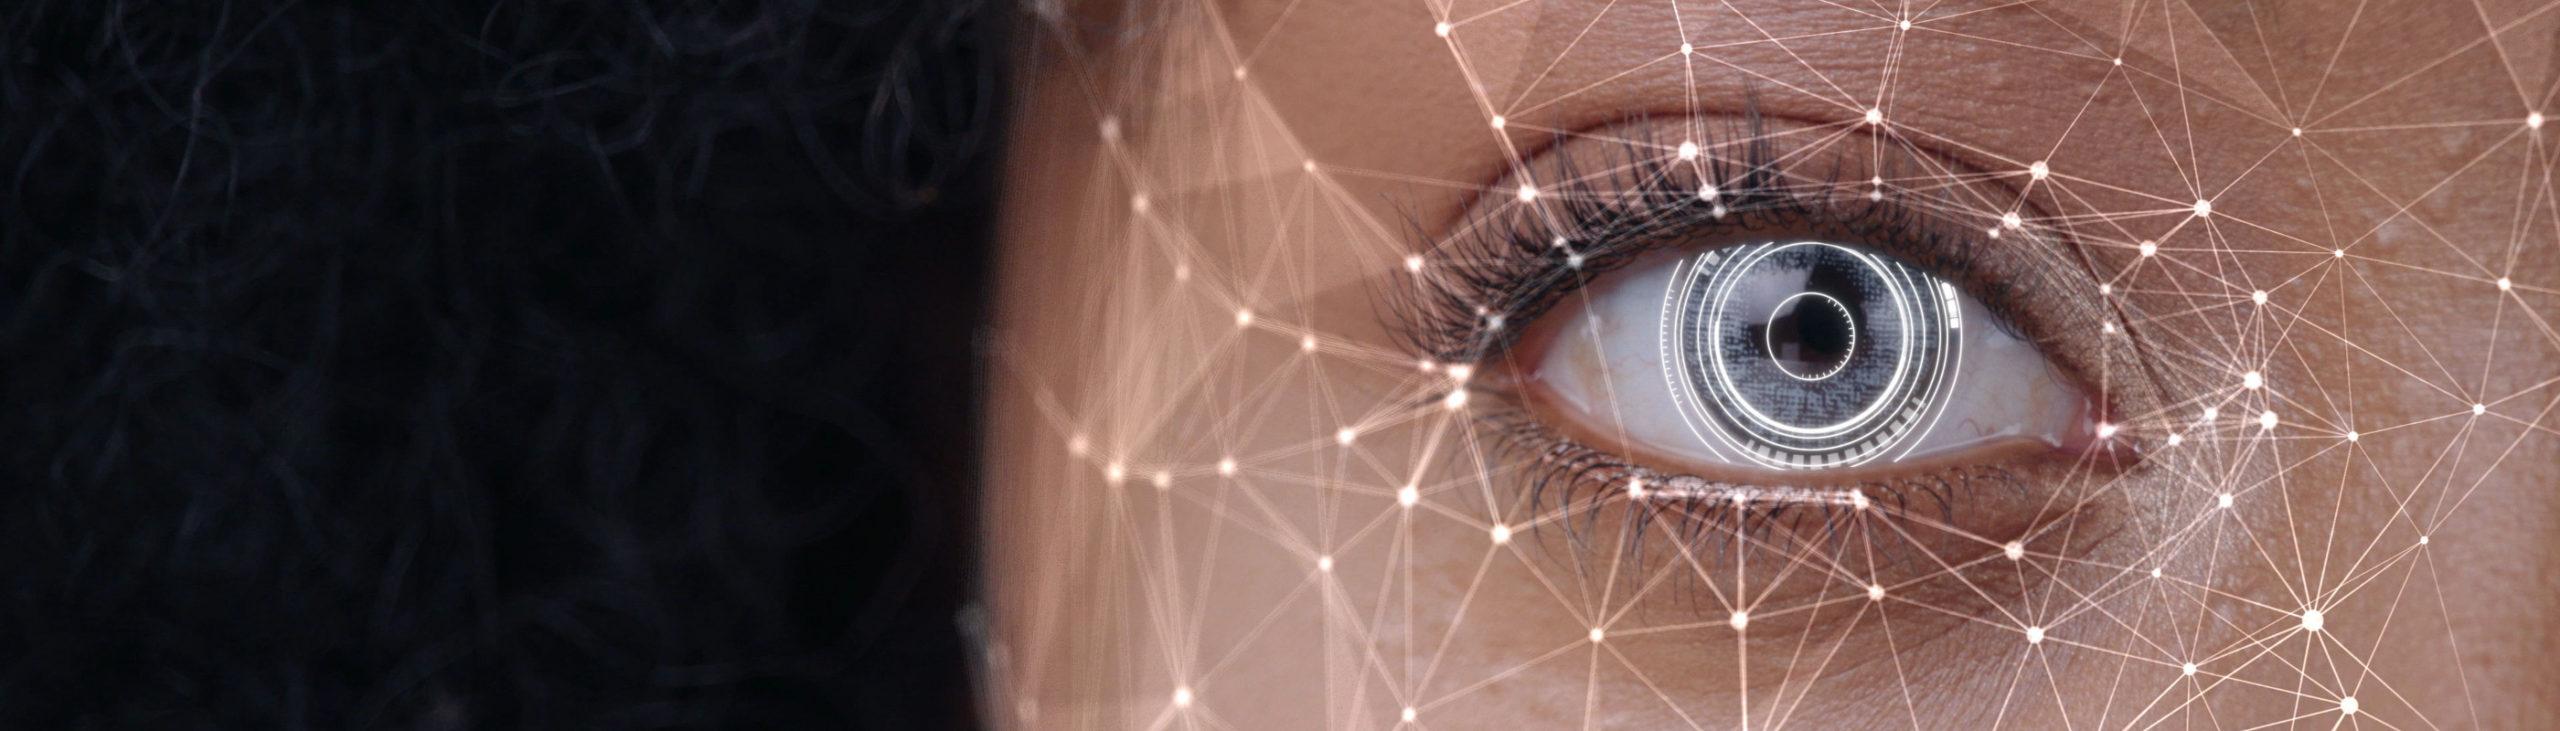 ¿Cómo funciona la realidad aumentada? | 10